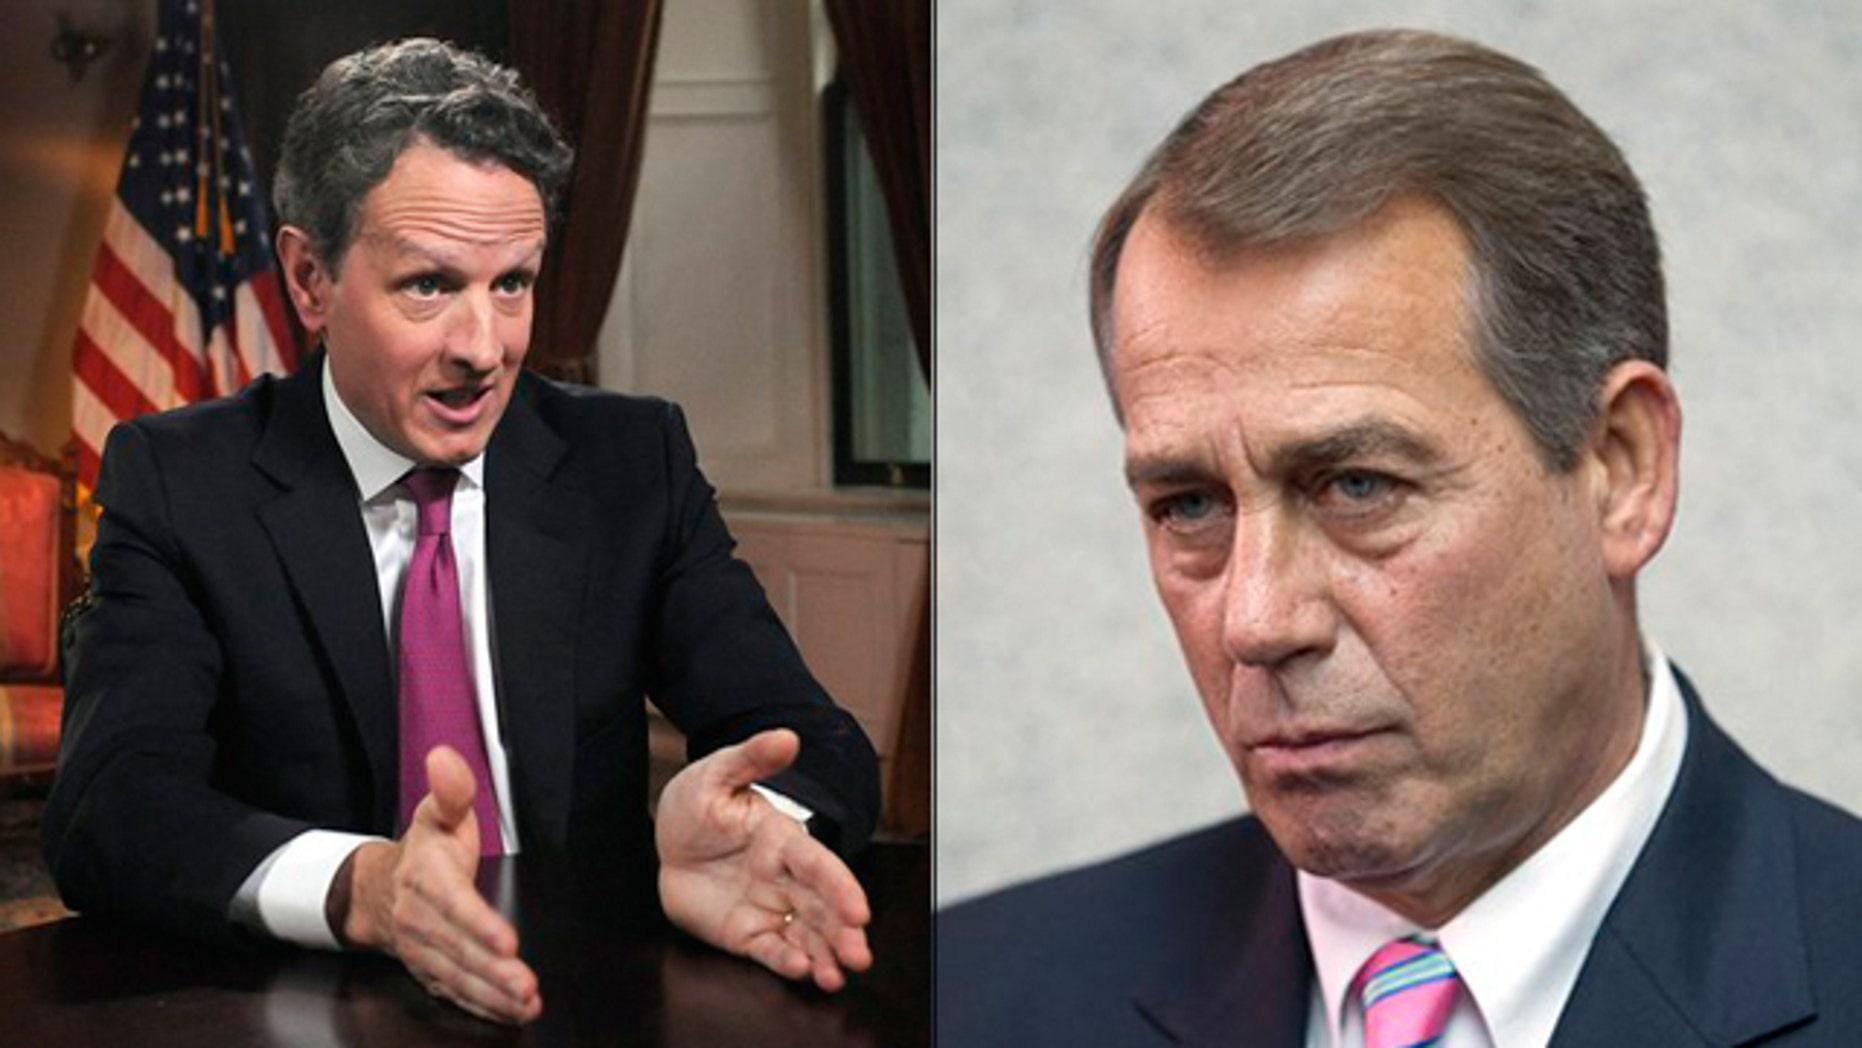 Shown here are Treasury Secretary Tim Geithner, left, and House Speaker John Boehner.